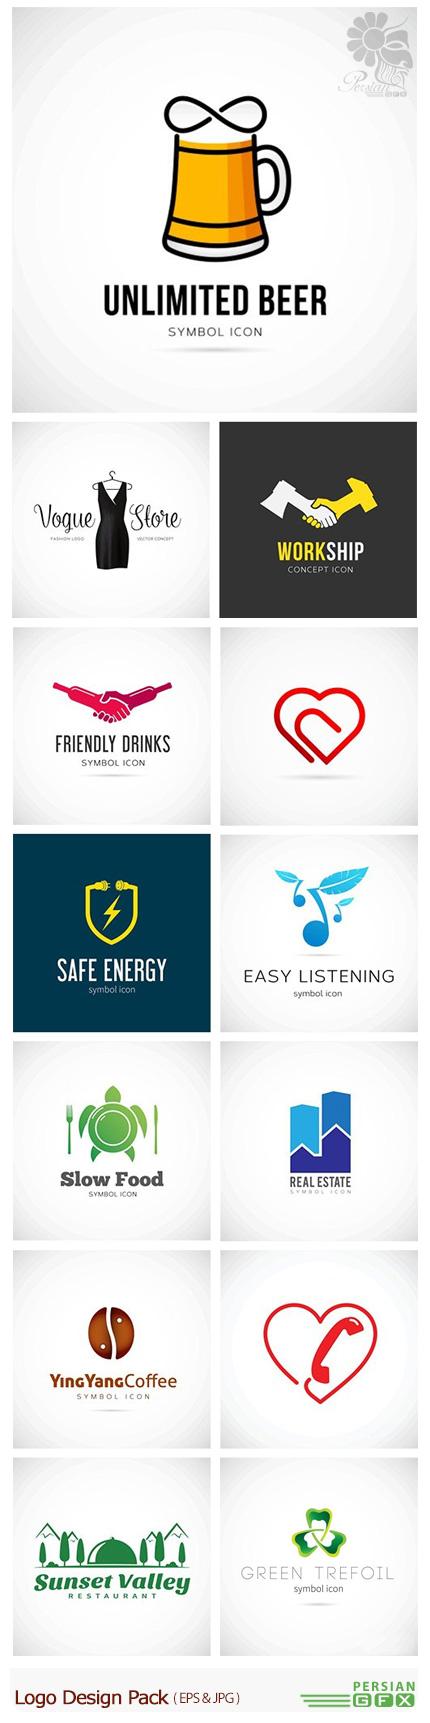 دانلود تصاویر وکتور آرم و لوگوی فانتزی - Logo Design Pack